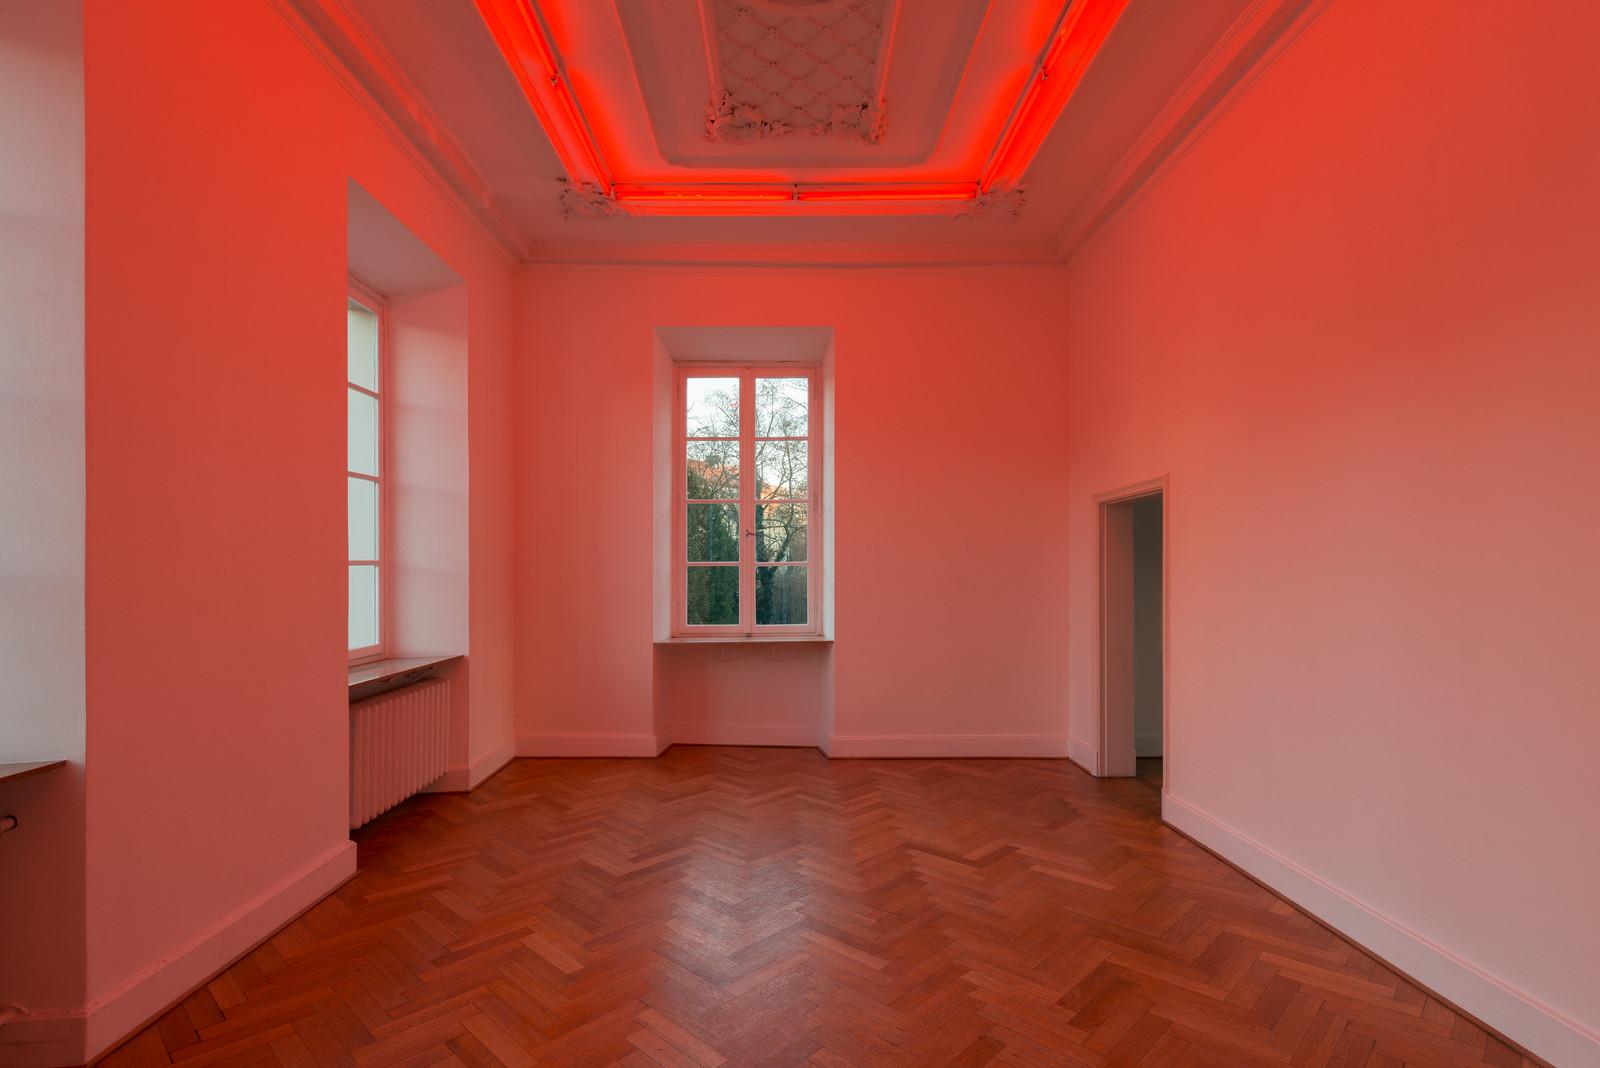 Lena Henke at Kunstverein Braunschweig_12